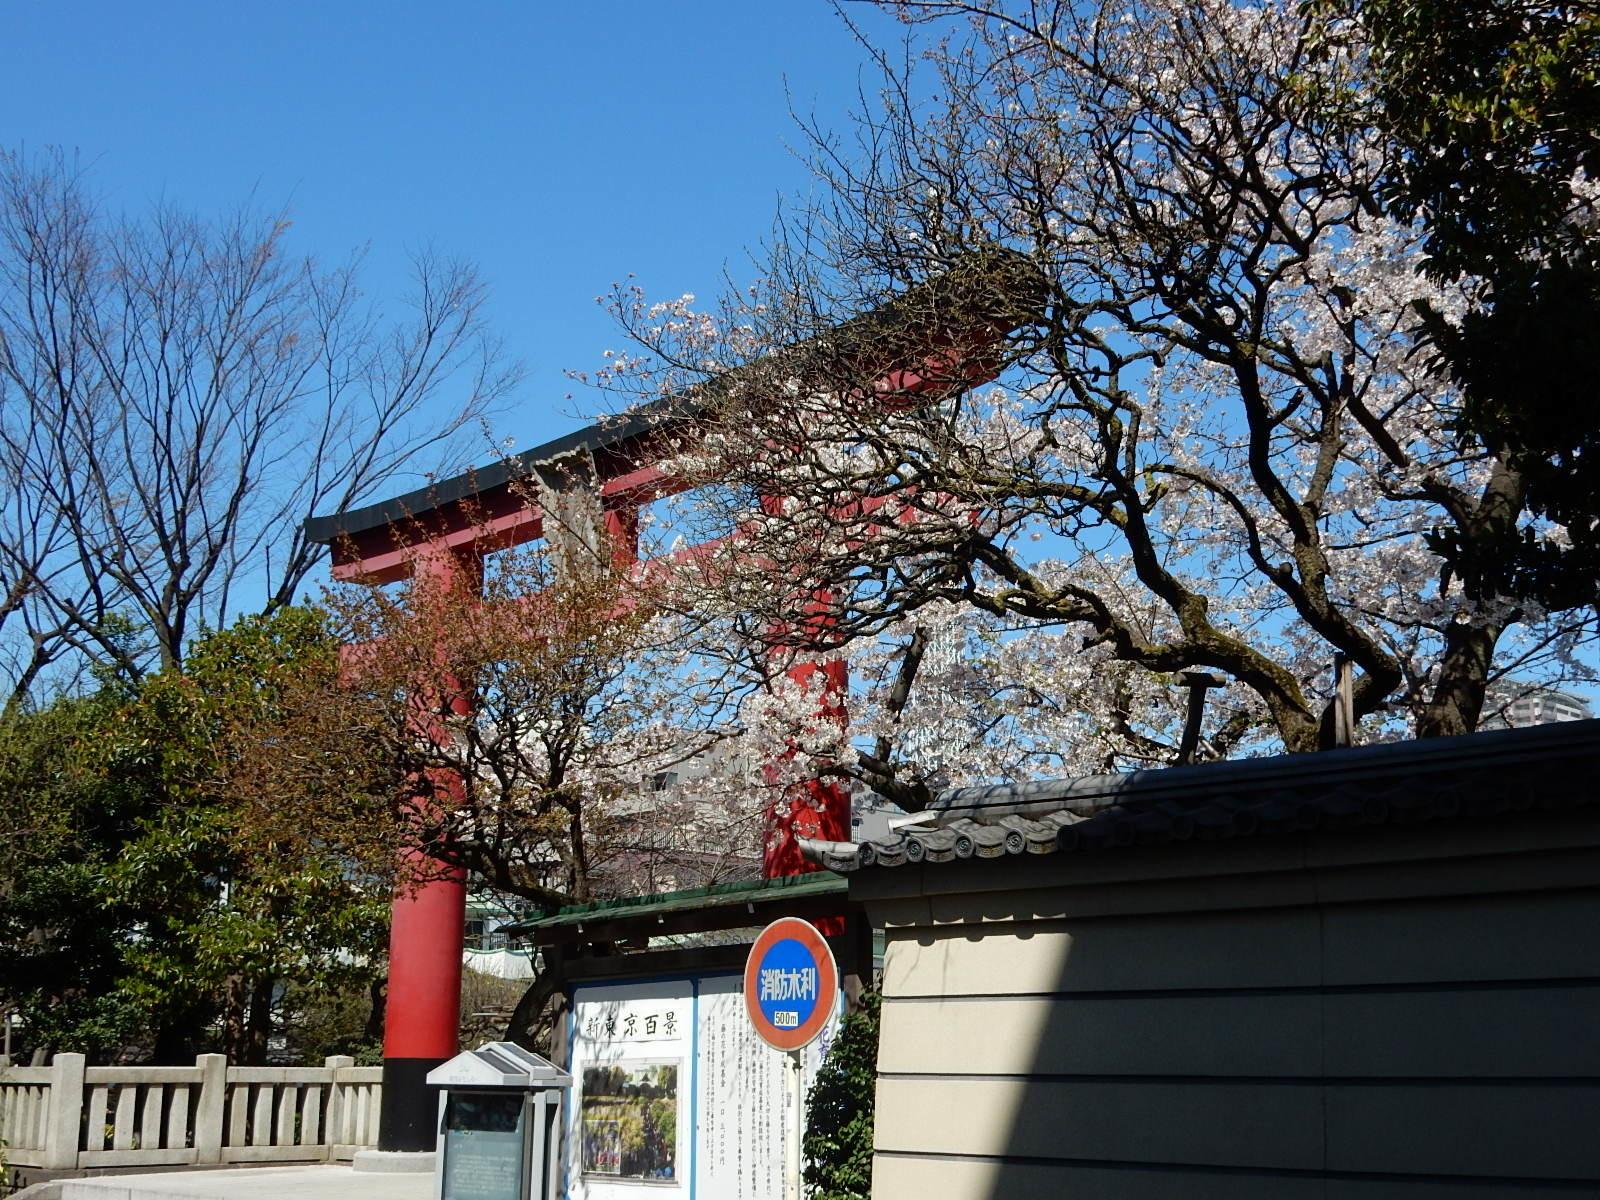 亀戸天満宮の鳥居と桜